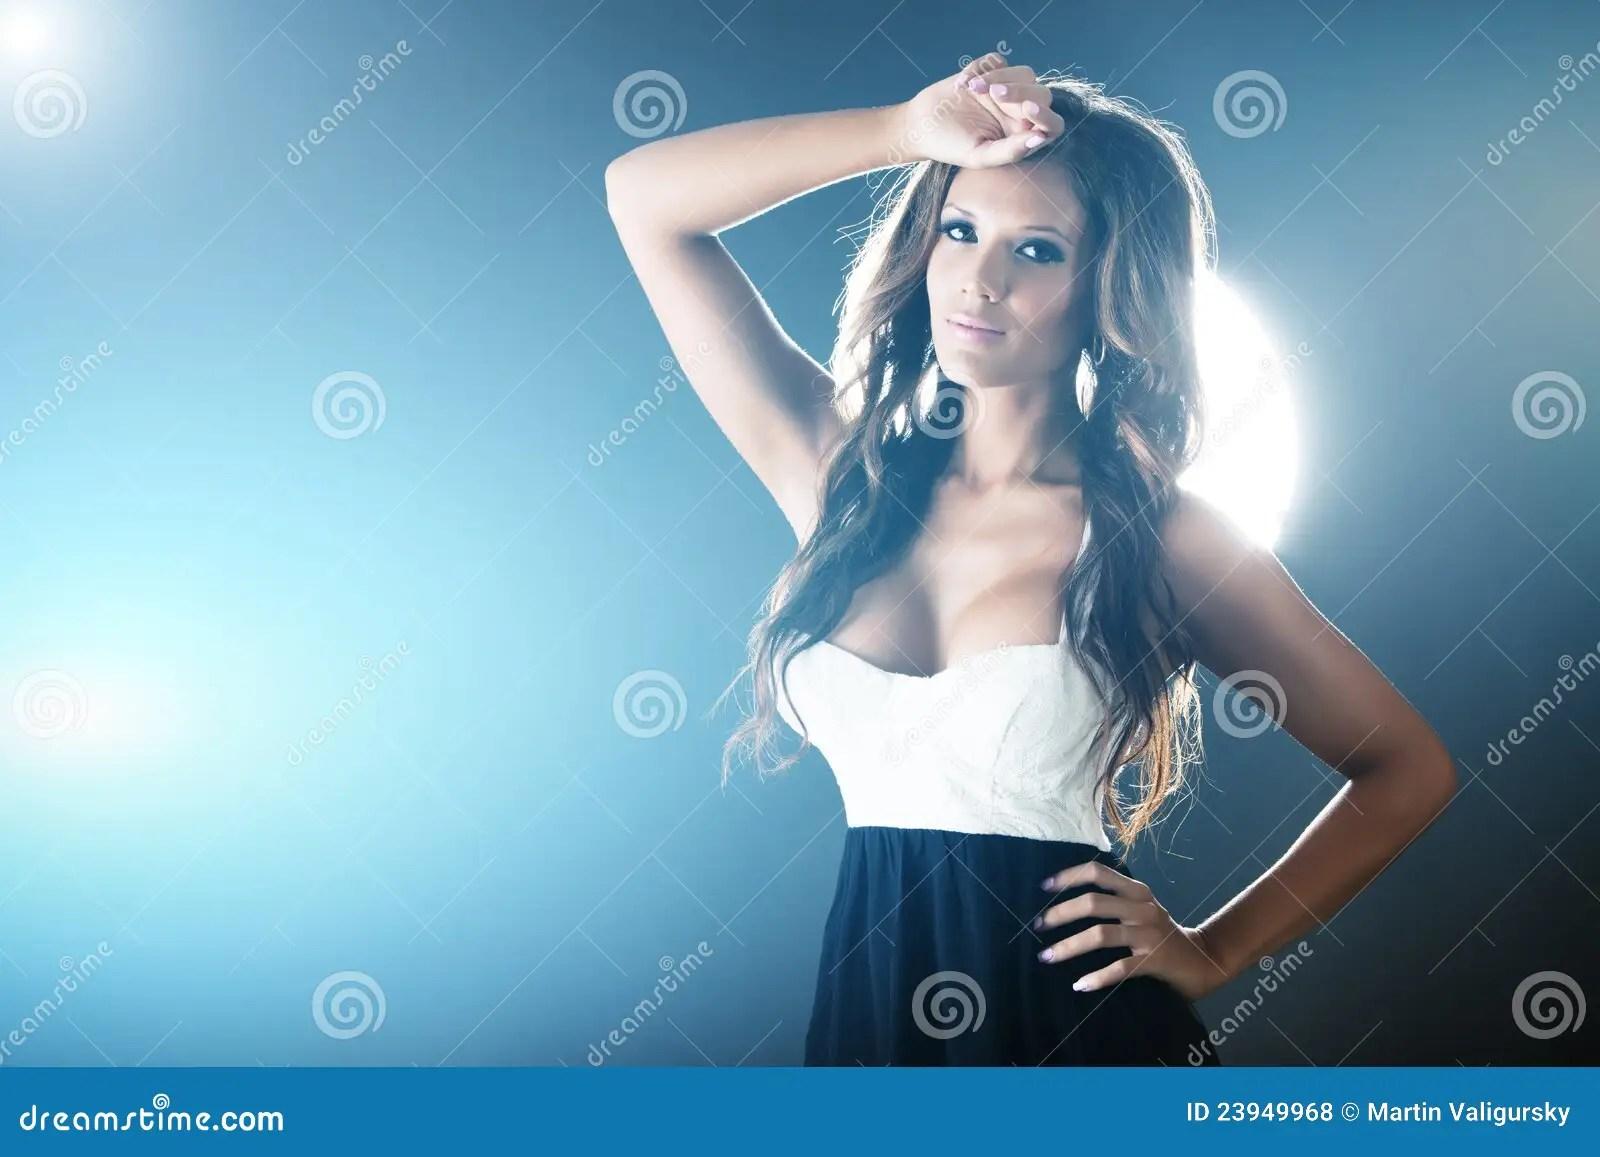 Mooie Vrouw Op Achtergrond Met Blauwe Lichten Royalty